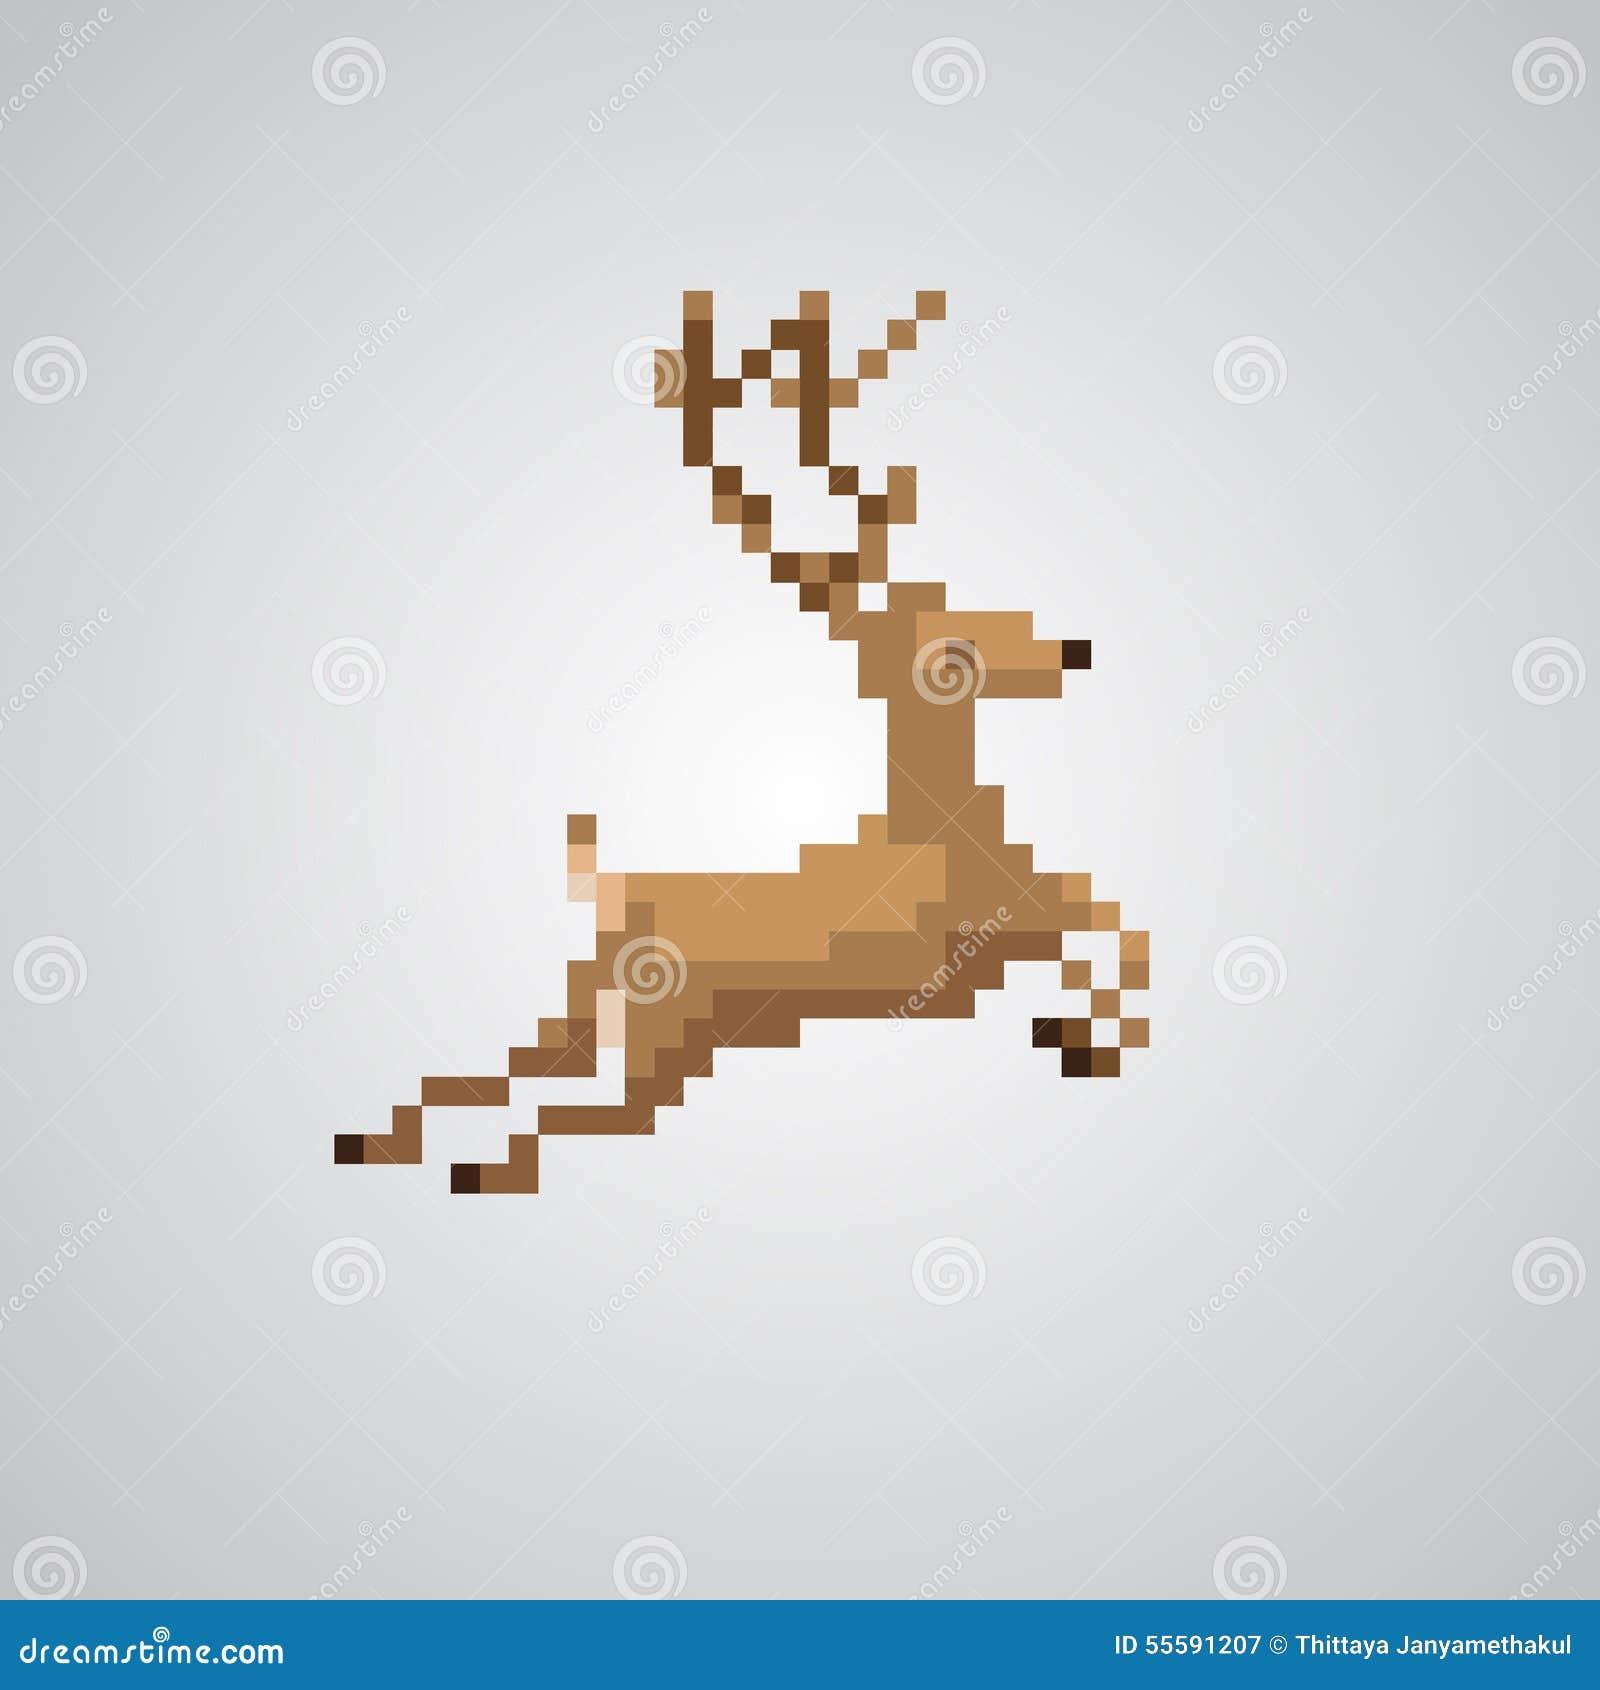 Reindeer 8-bit Pixel Style Vector. Stock Vector - Image: 55591207